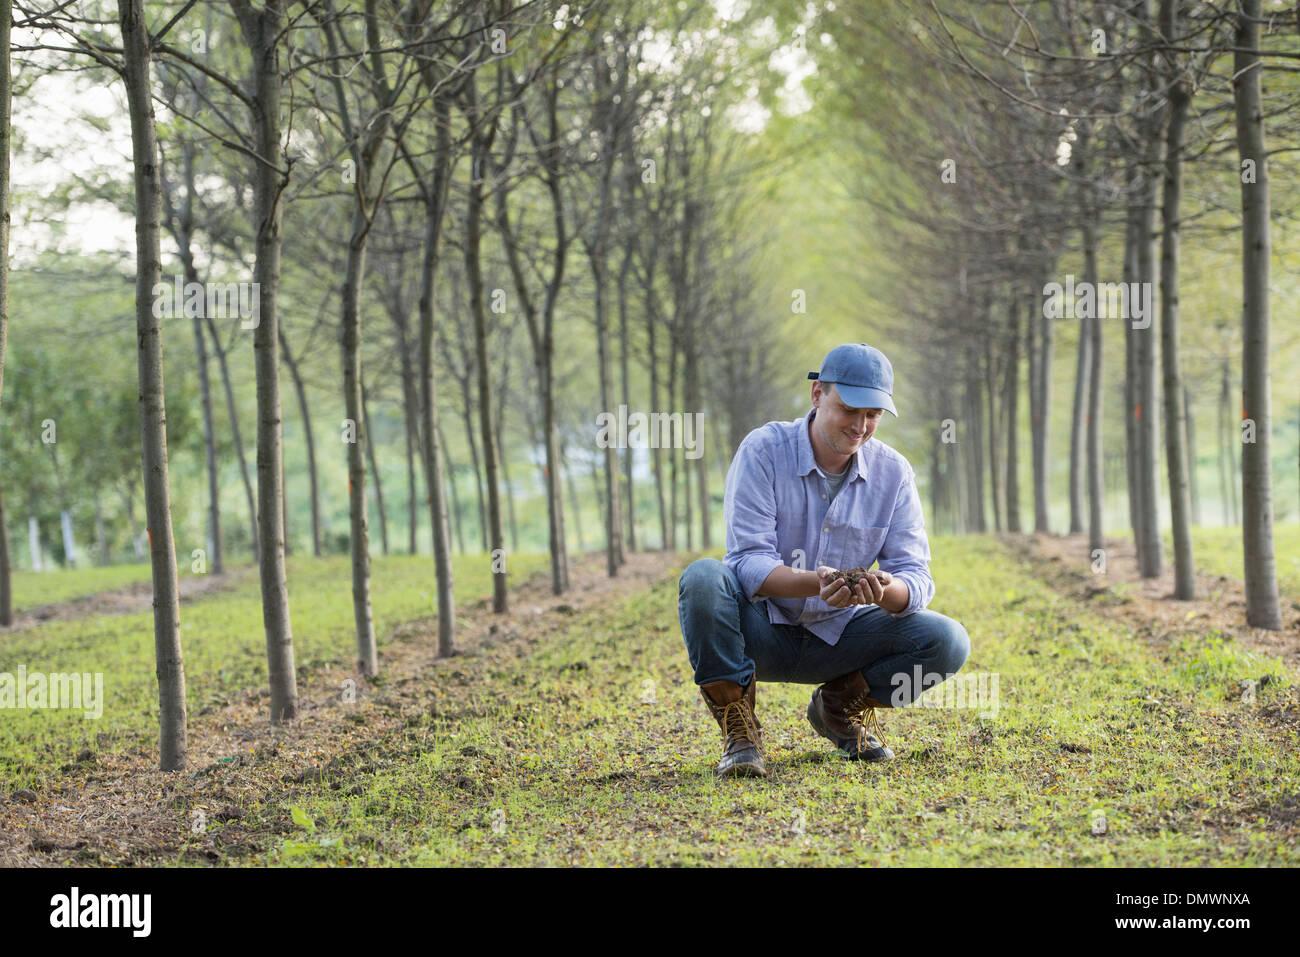 Un homme accroupi et l'examen d'une poignée de terre. Photo Stock